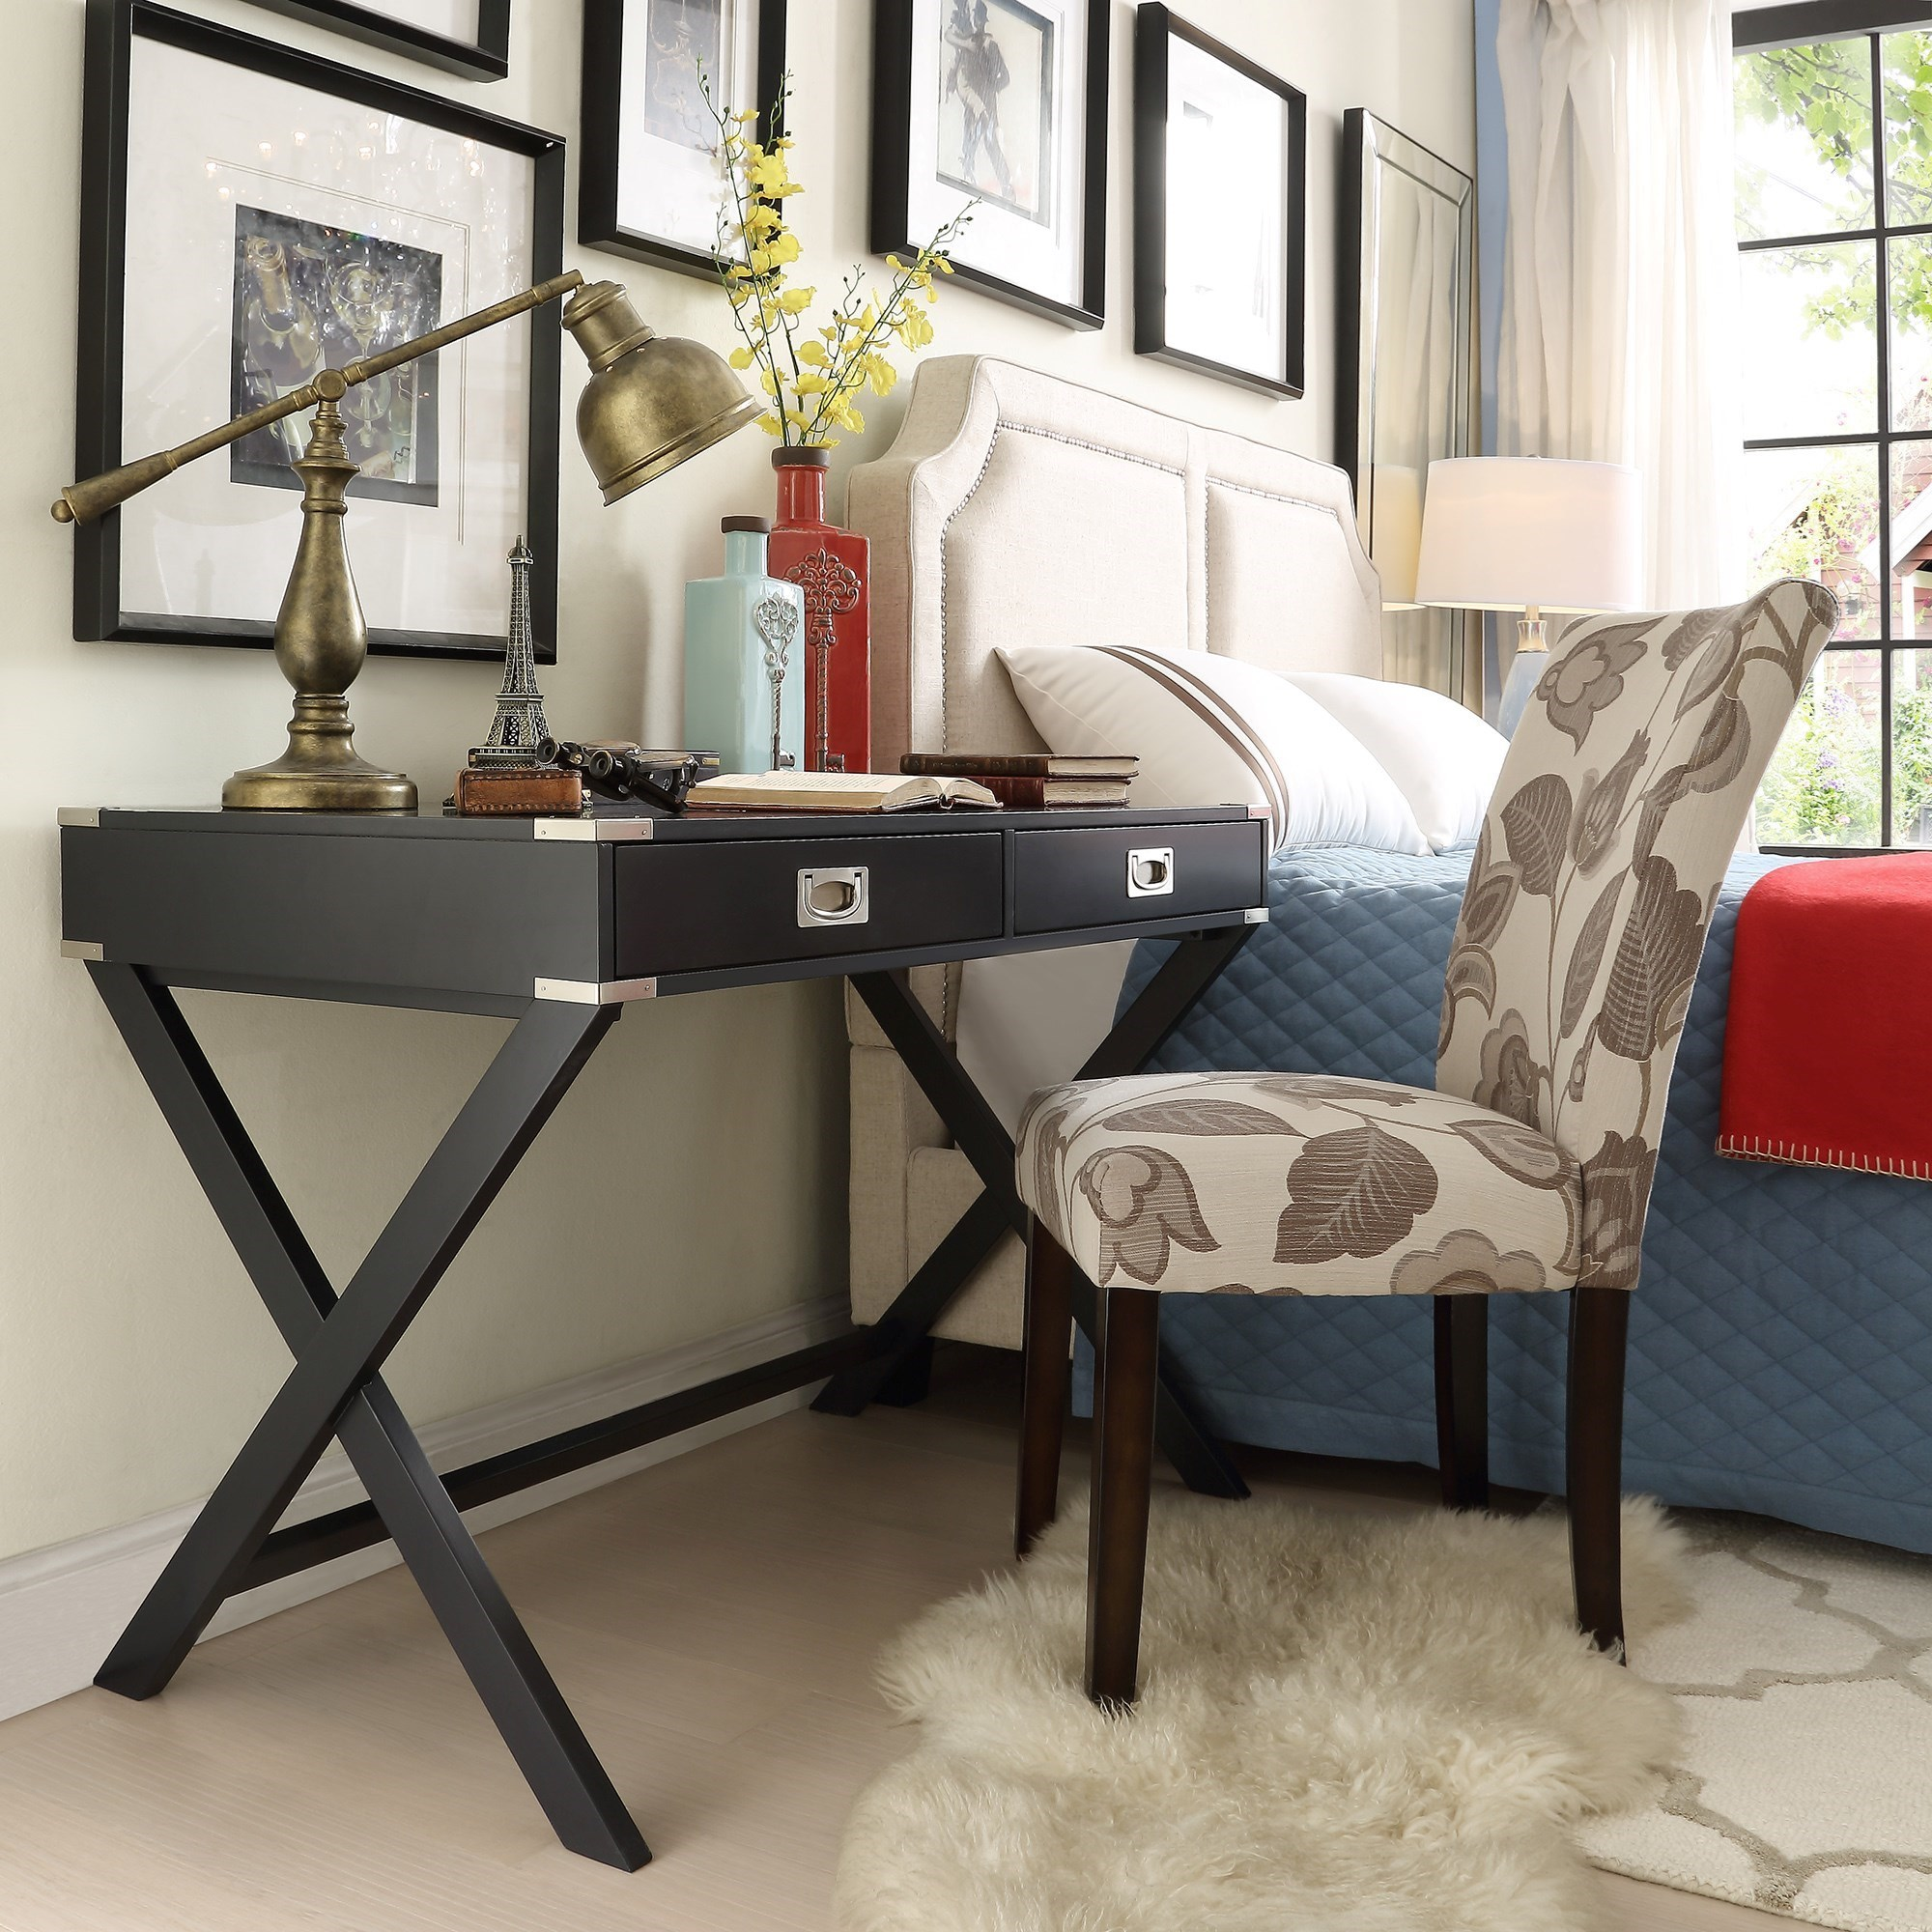 Desks X-Base Box Desk by Homelegance at Darvin Furniture